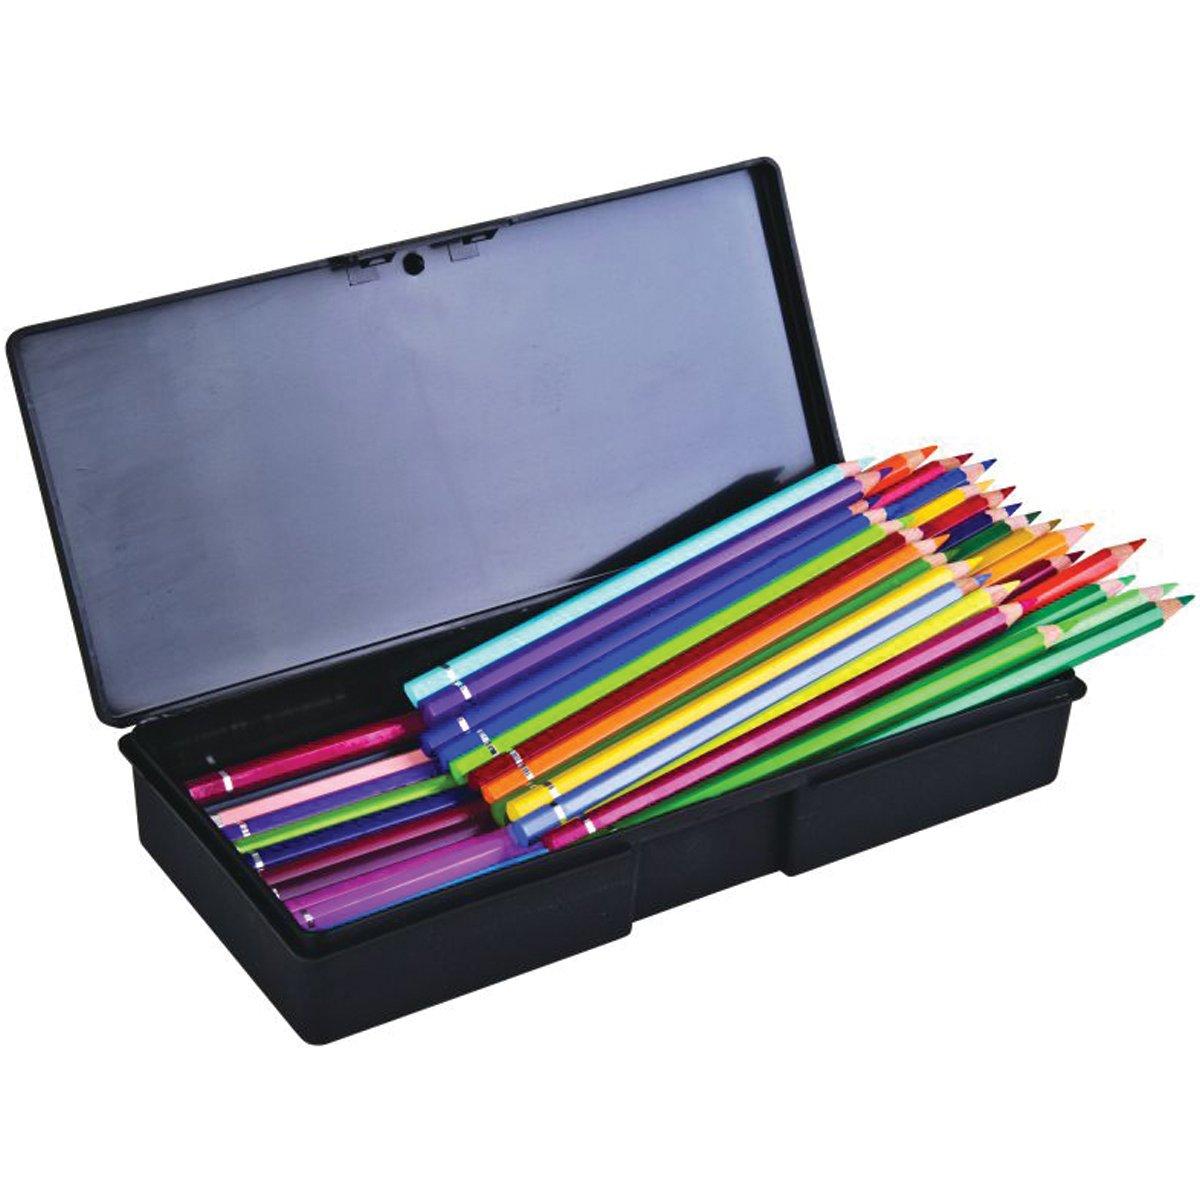 ArtBin Sketch Series Single Compartment Box- Black pencil/pen/ supply Storage Container, KV501